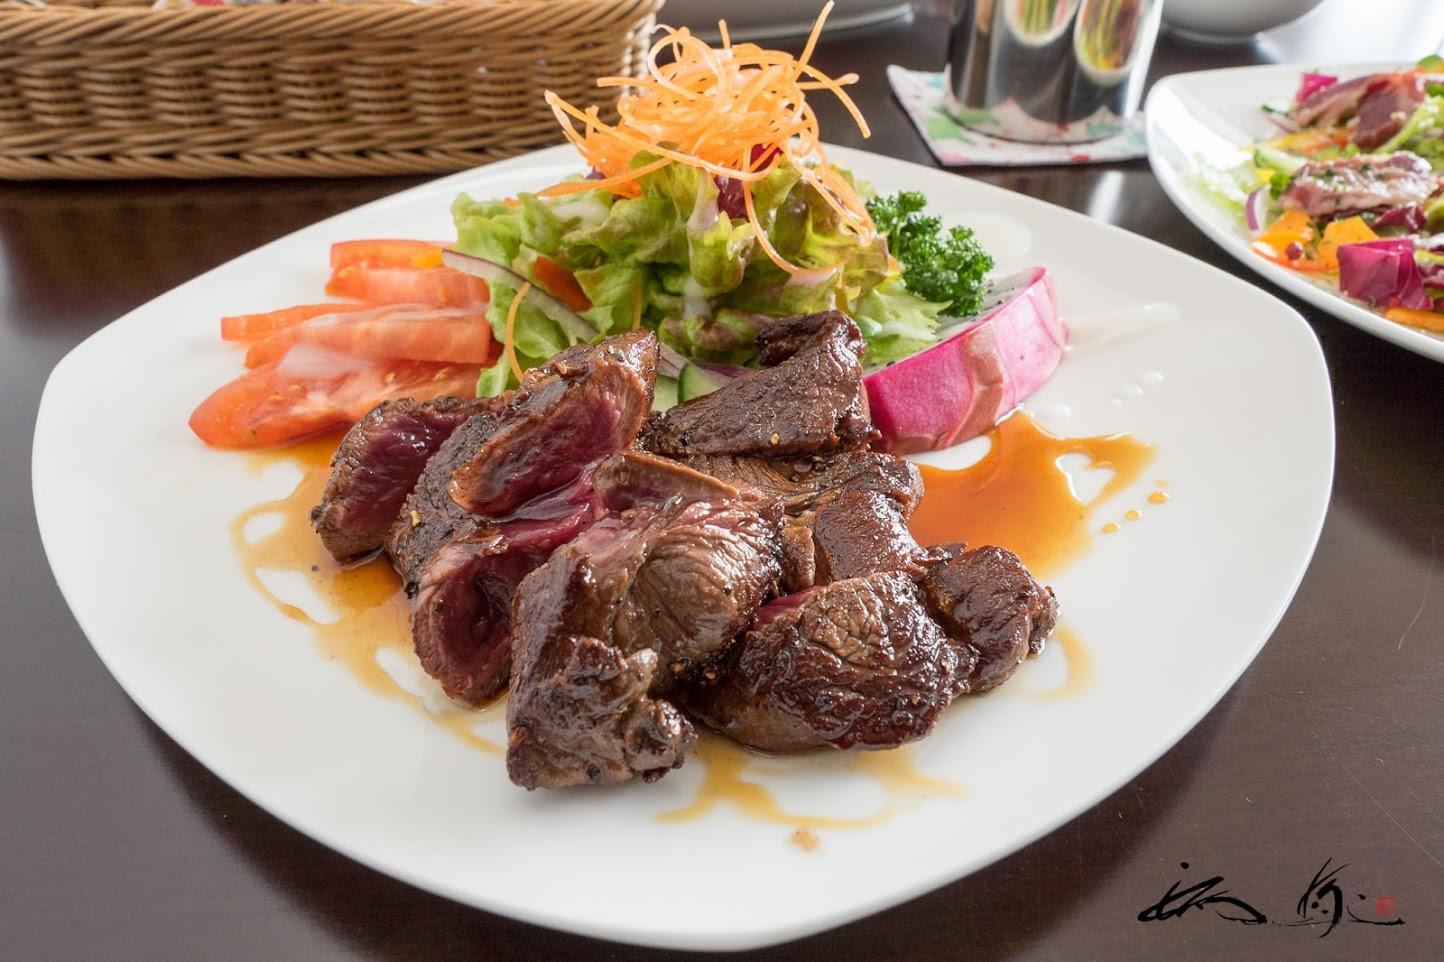 エゾ鹿ランプ肉ステーキ